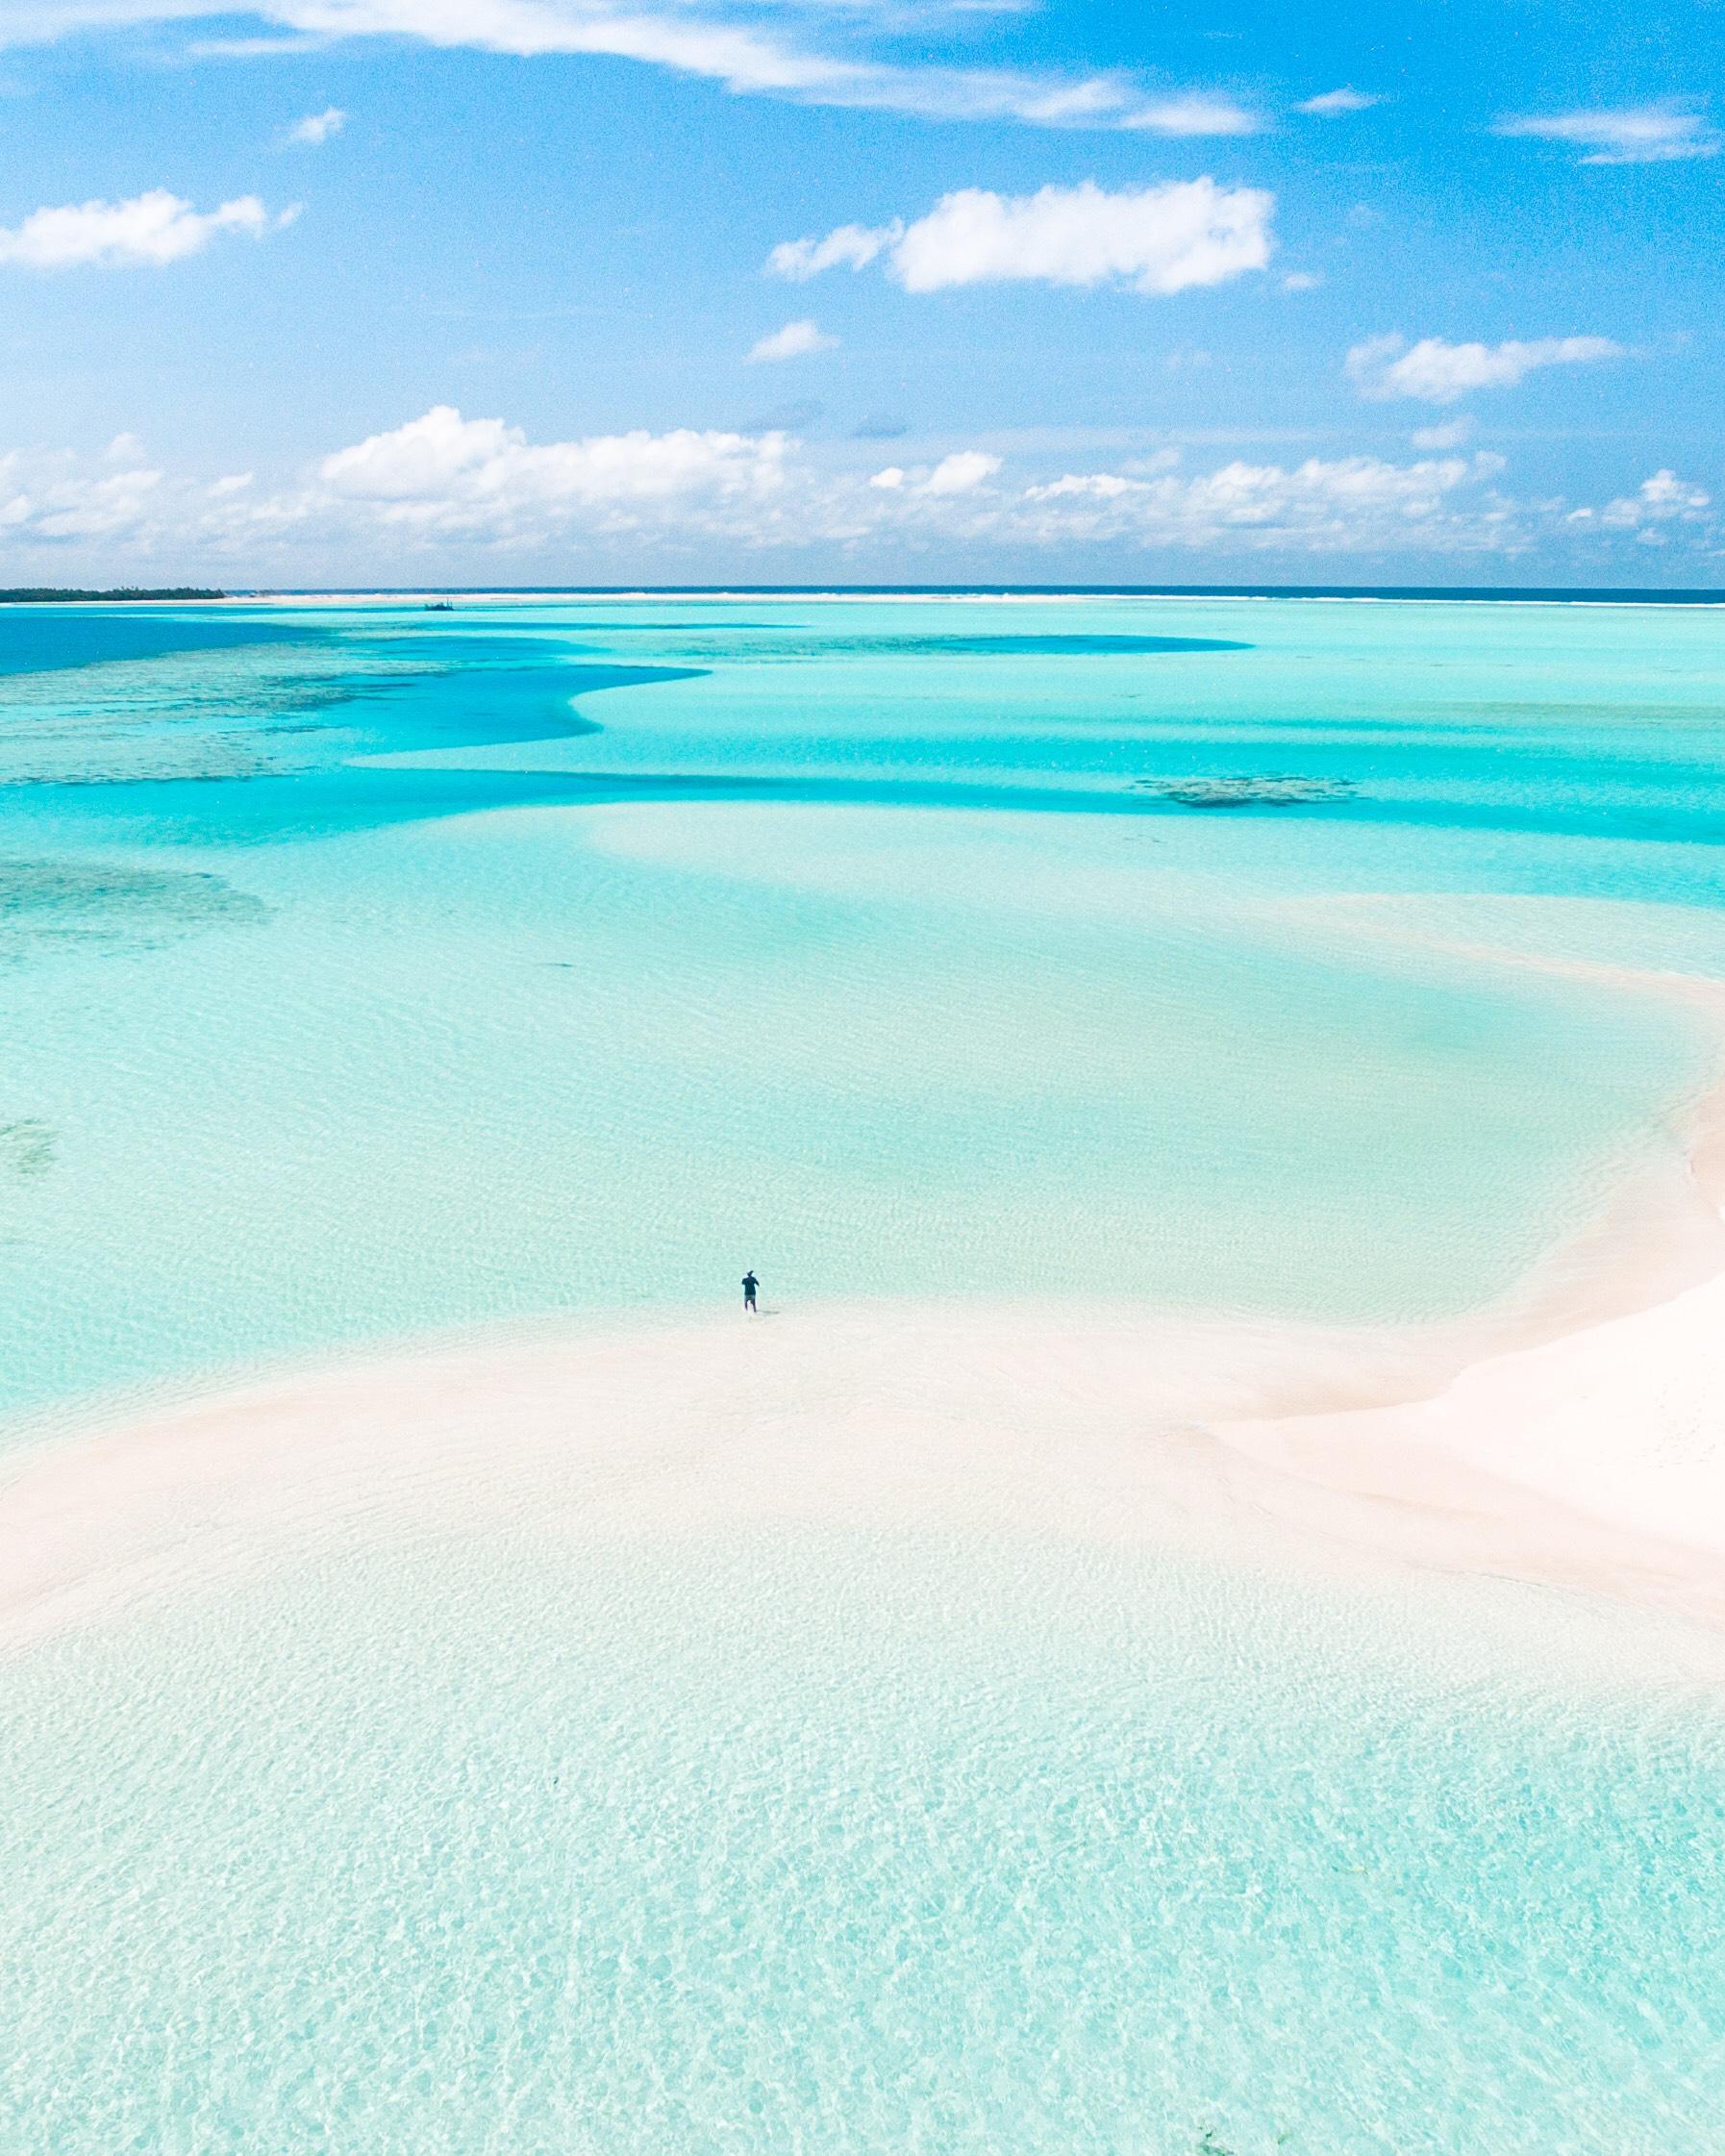 sandbar in the maldives credit: Ishan Hassan / coral reef image bank